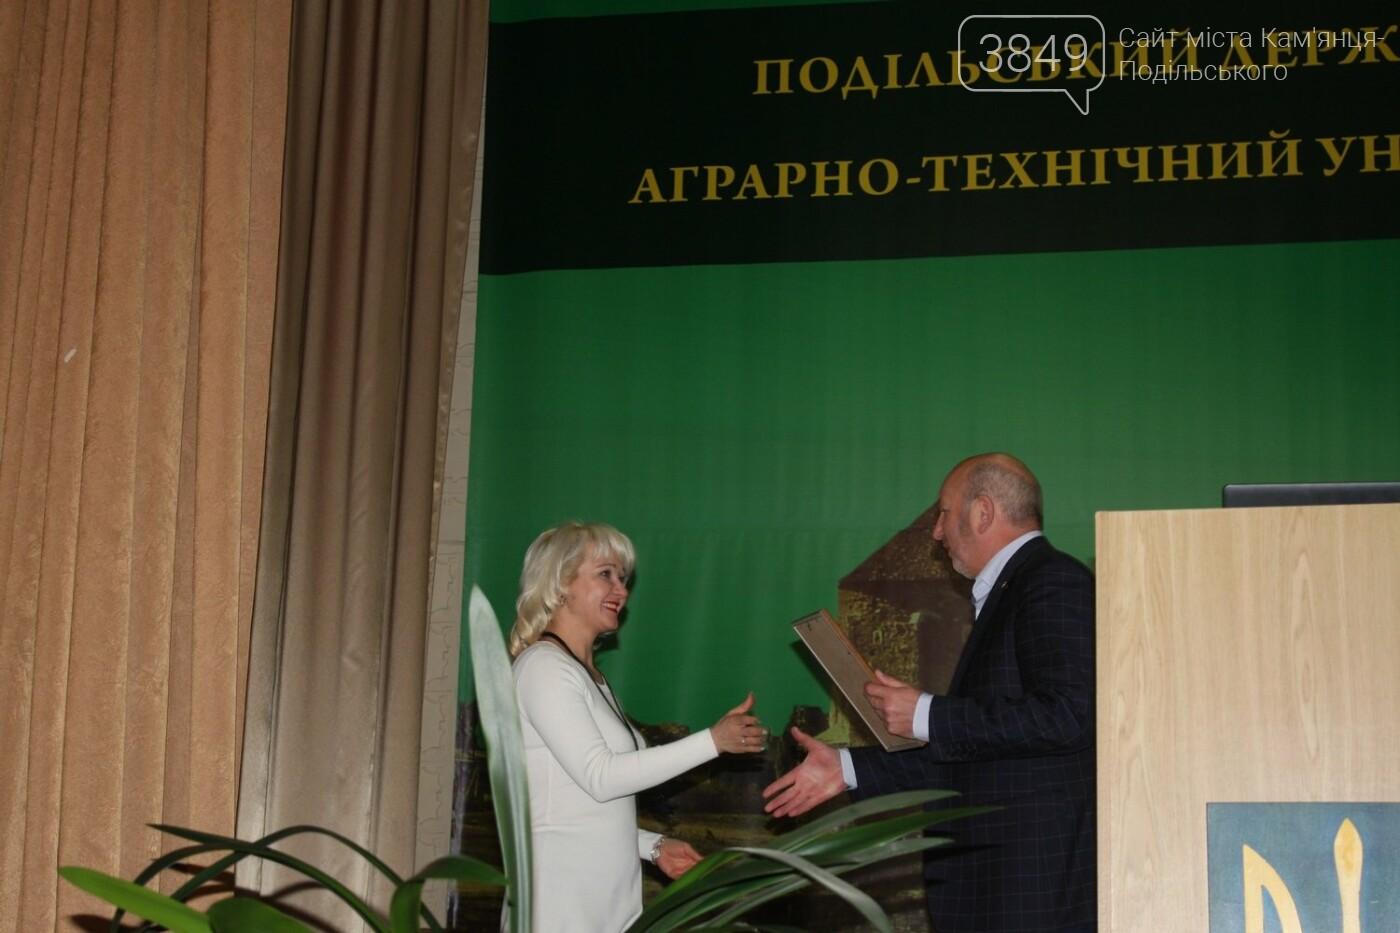 Подільський державний аграрно-технічний університет отримав нагороду «Золотий символ якості національних товарів та послуг», фото-7